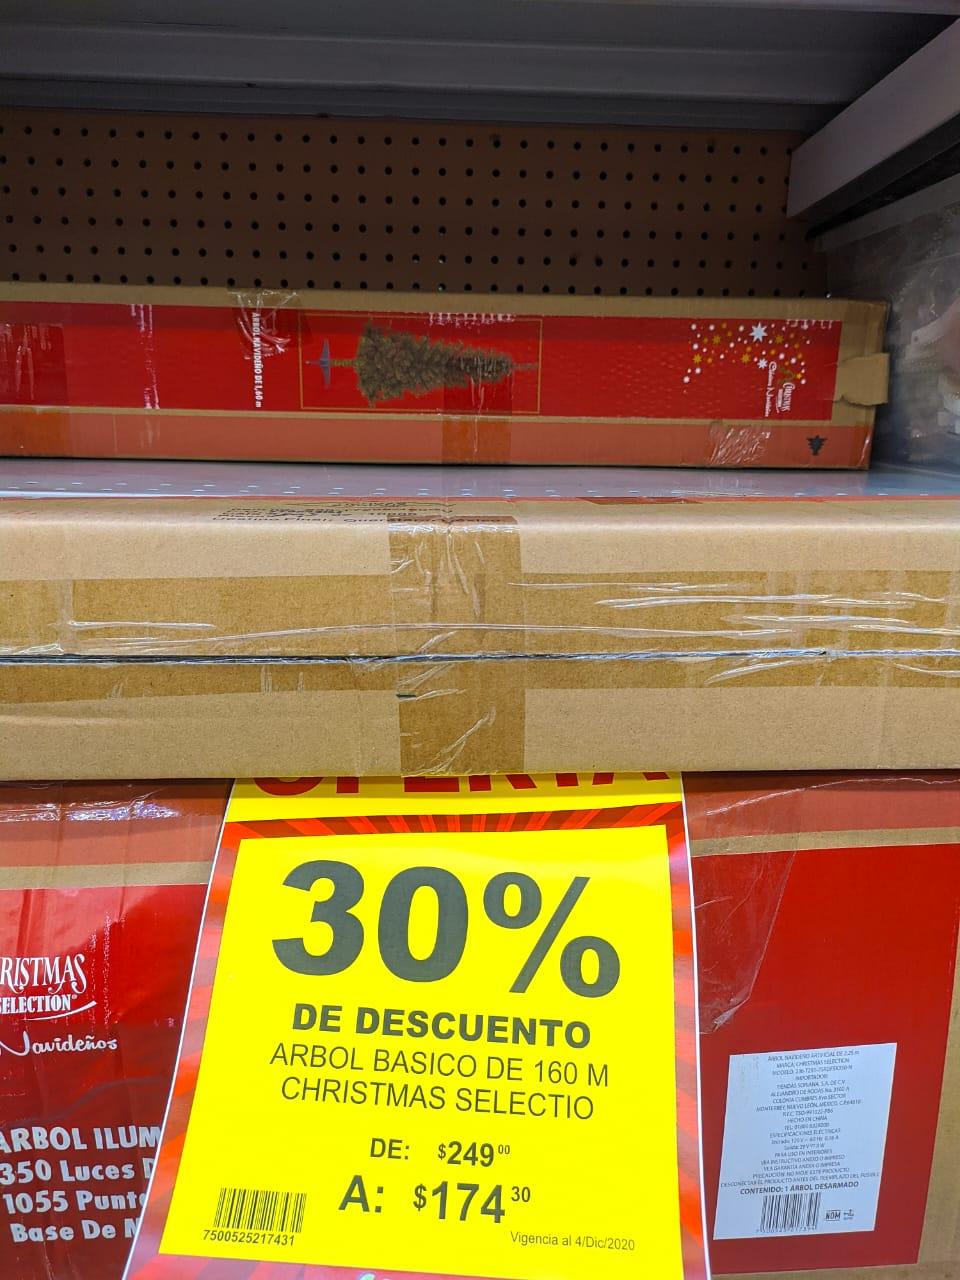 Soriana: Pino de Navidad Artificial 1.6m (30% de descuento en todos los artículos navideños)